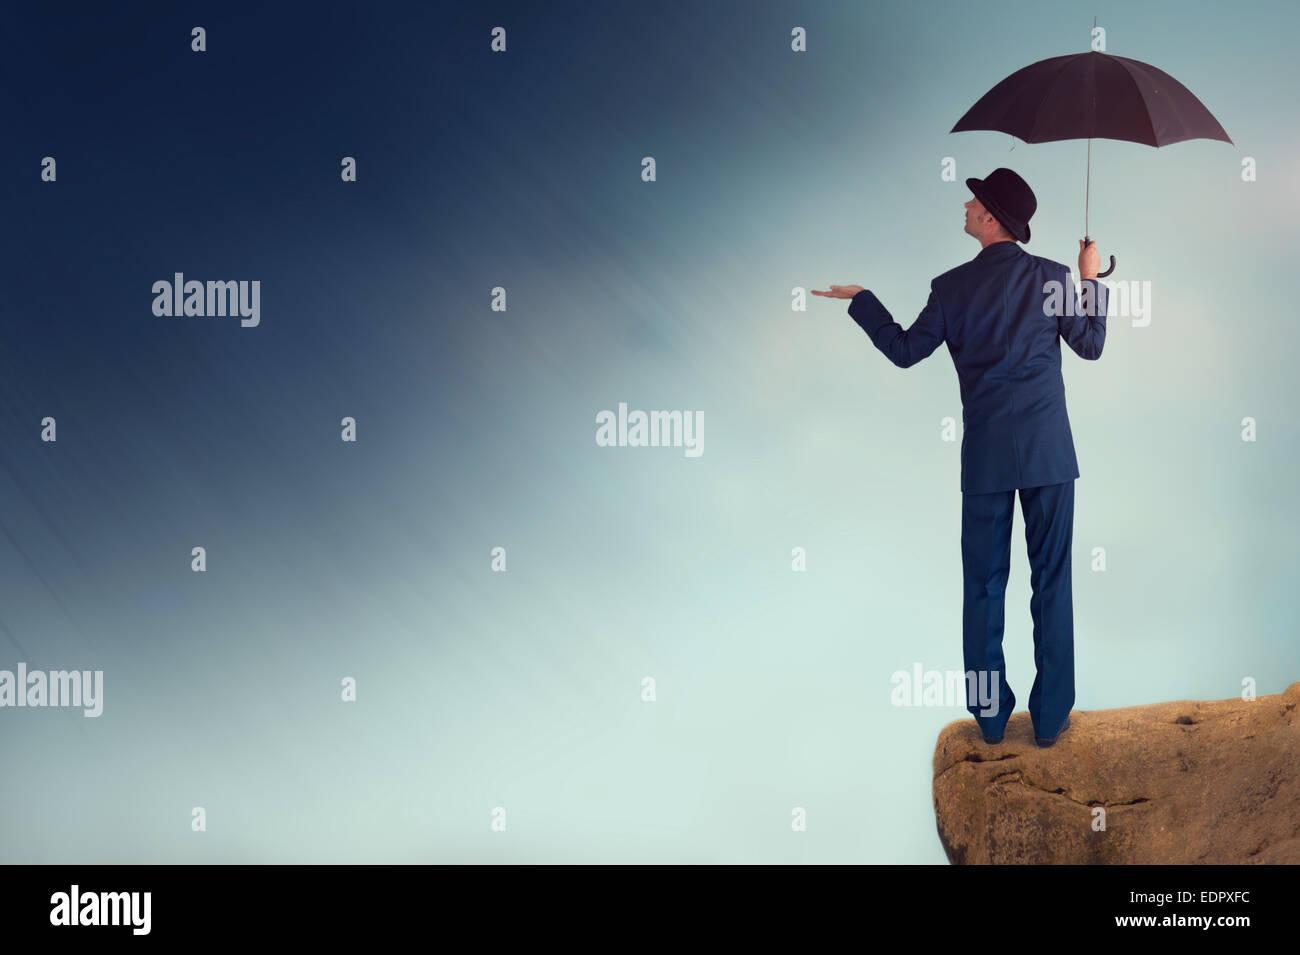 Prévisions économiques concept outlook Photo Stock